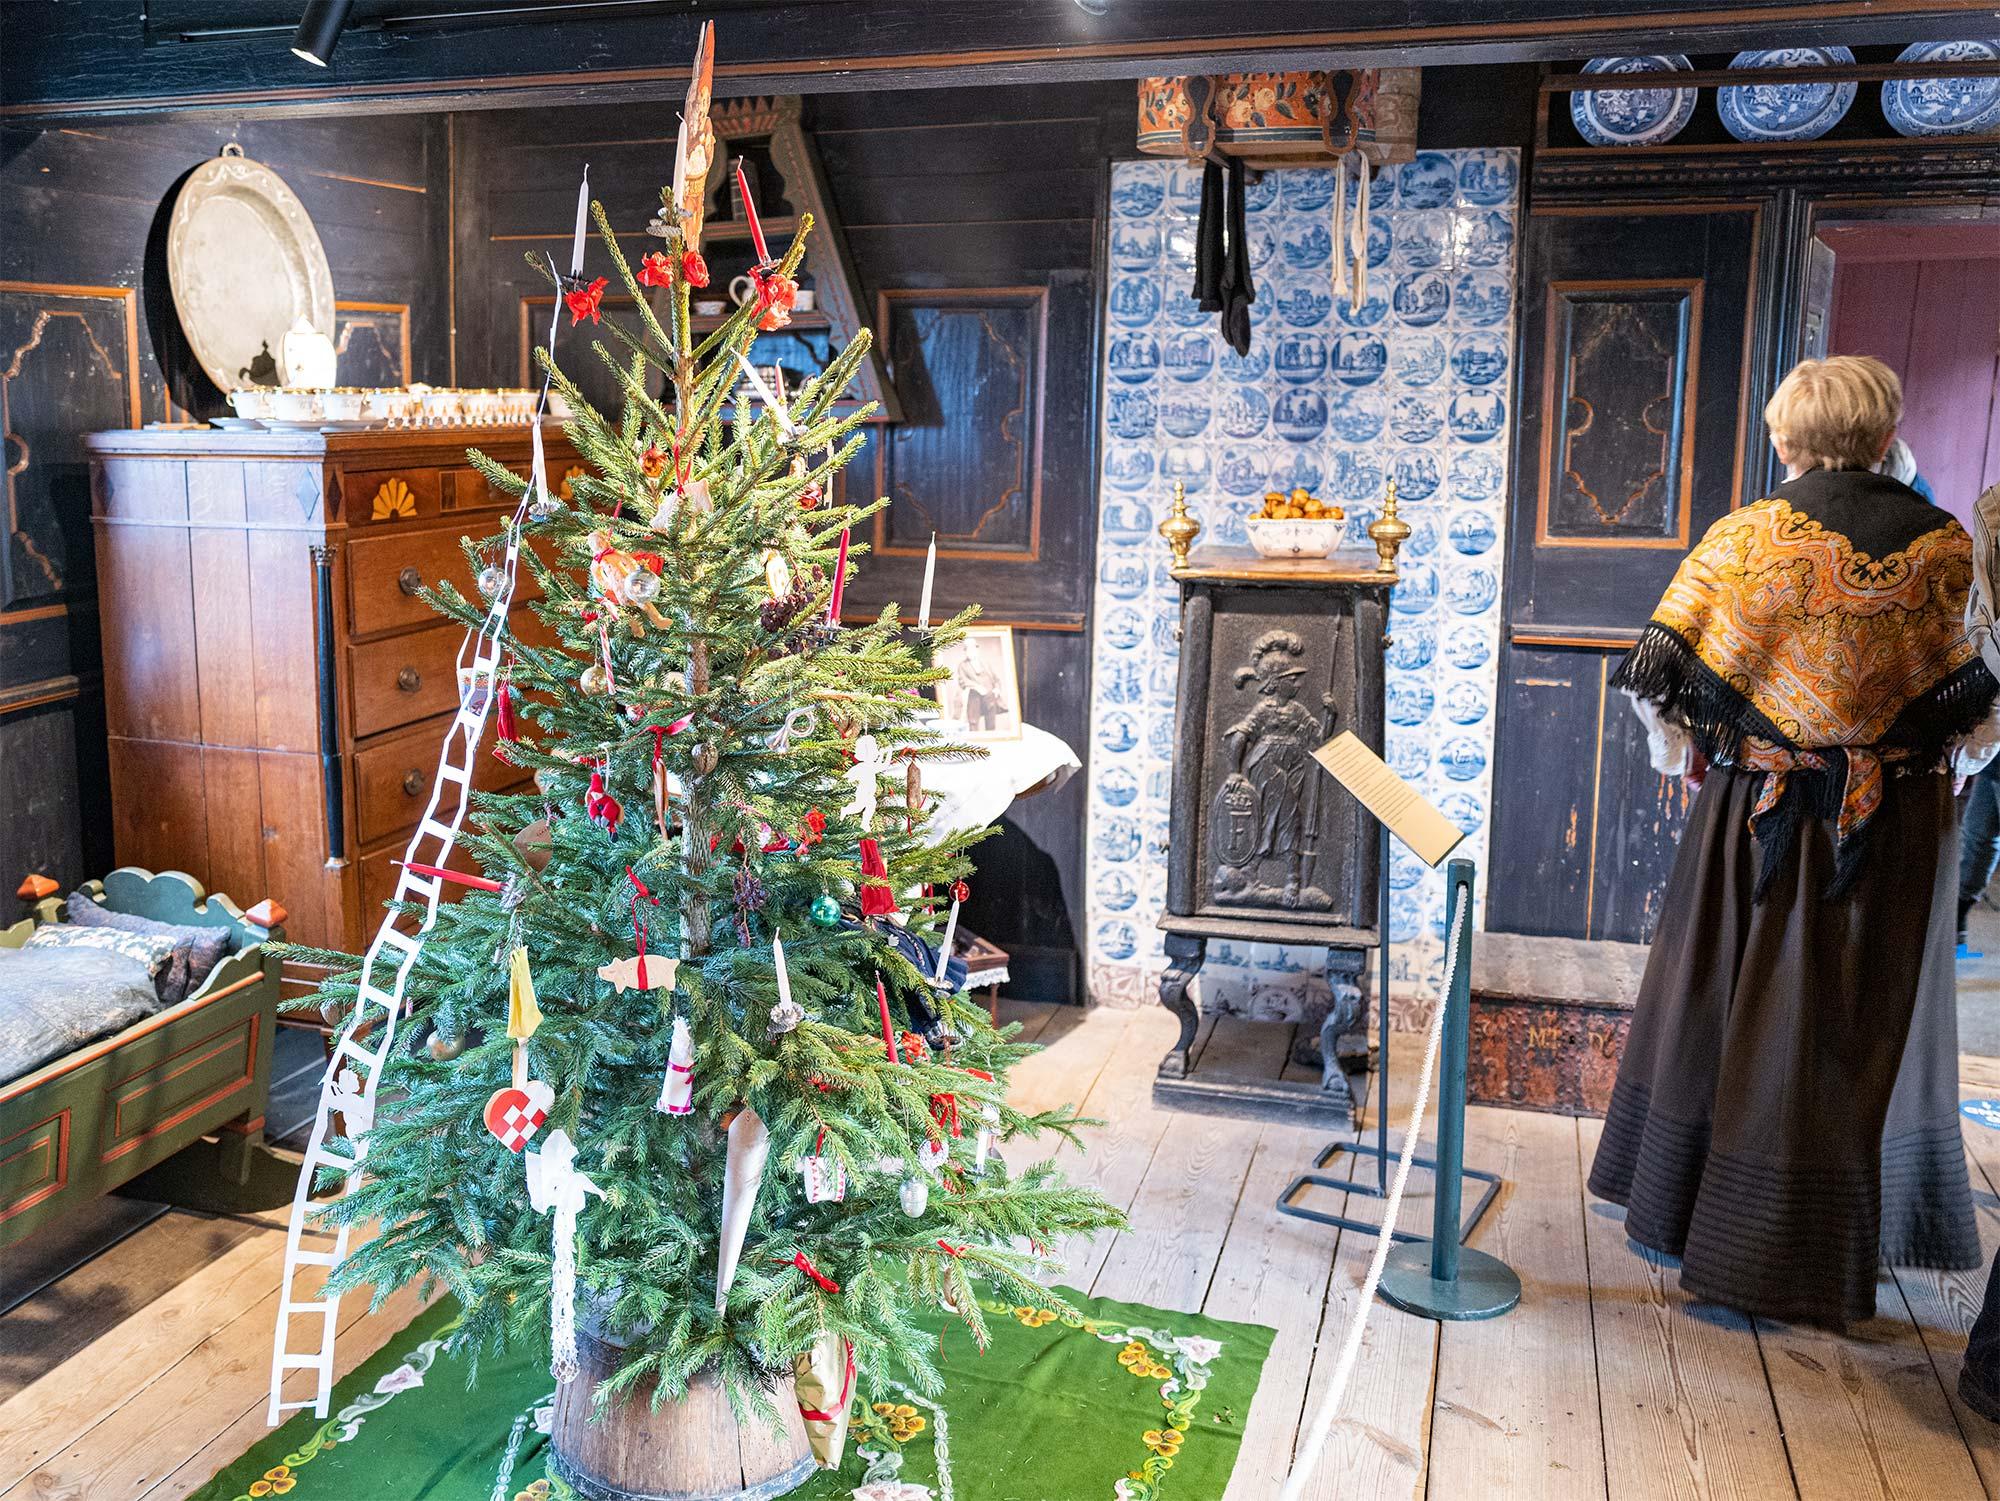 Museets juletræ. Foto: TorbenStender.